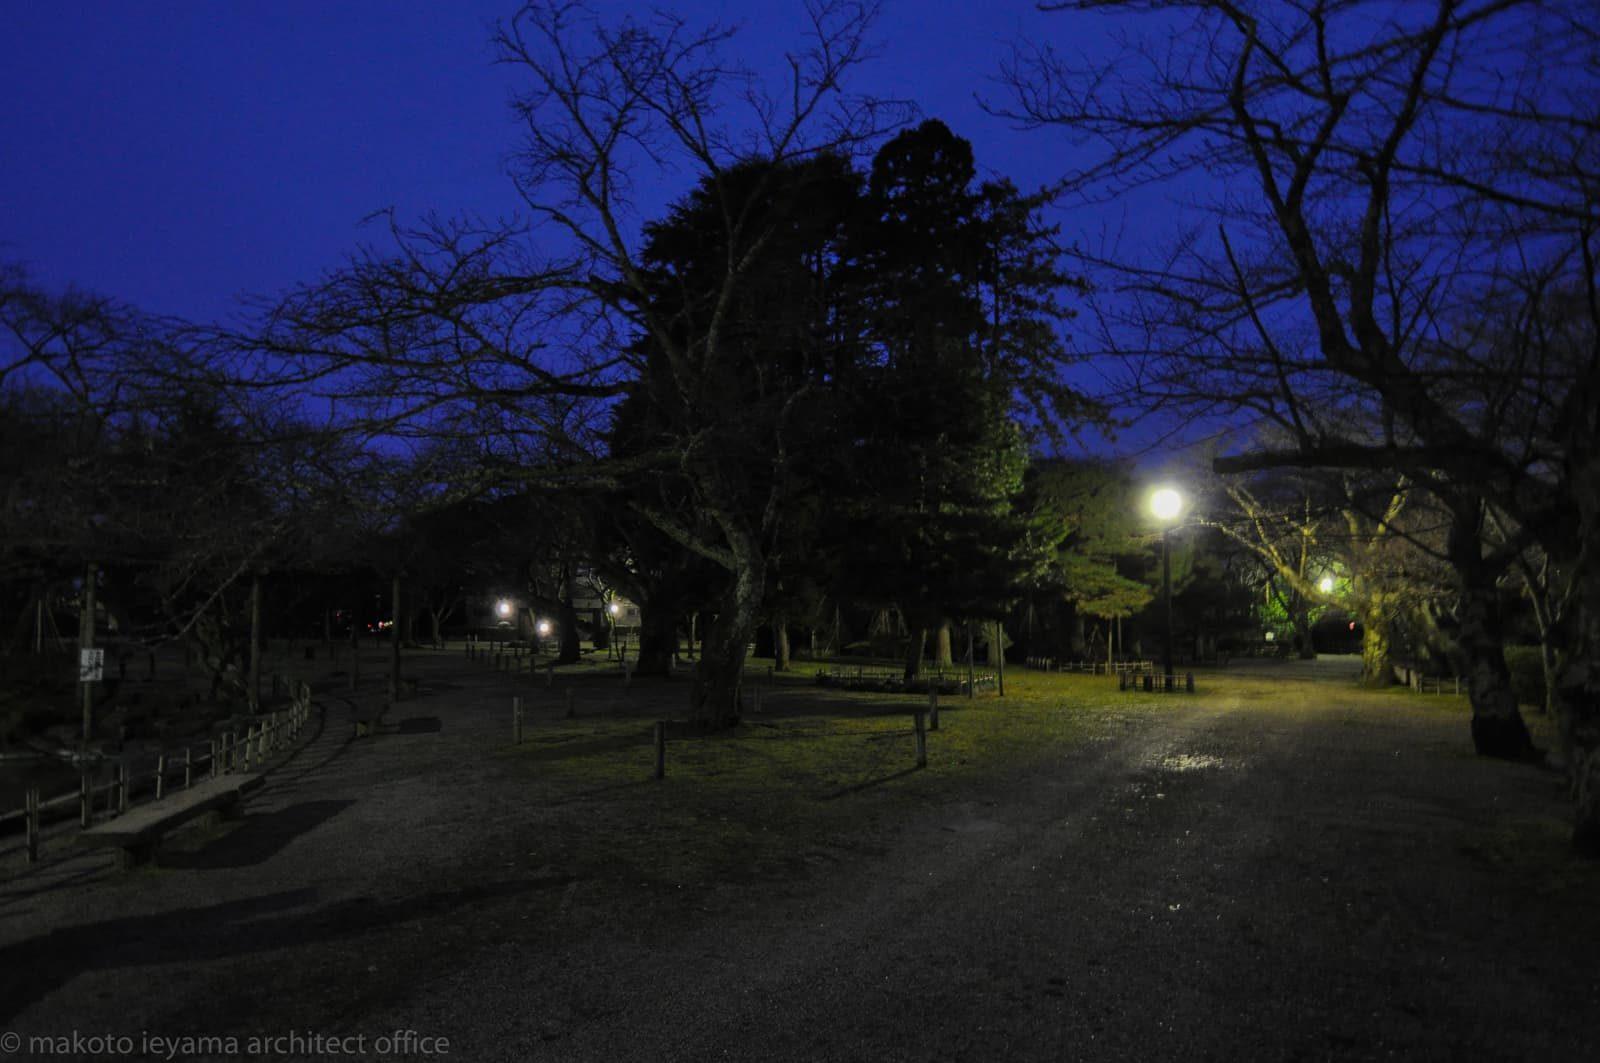 小丸山城址公園 改修前の夜景